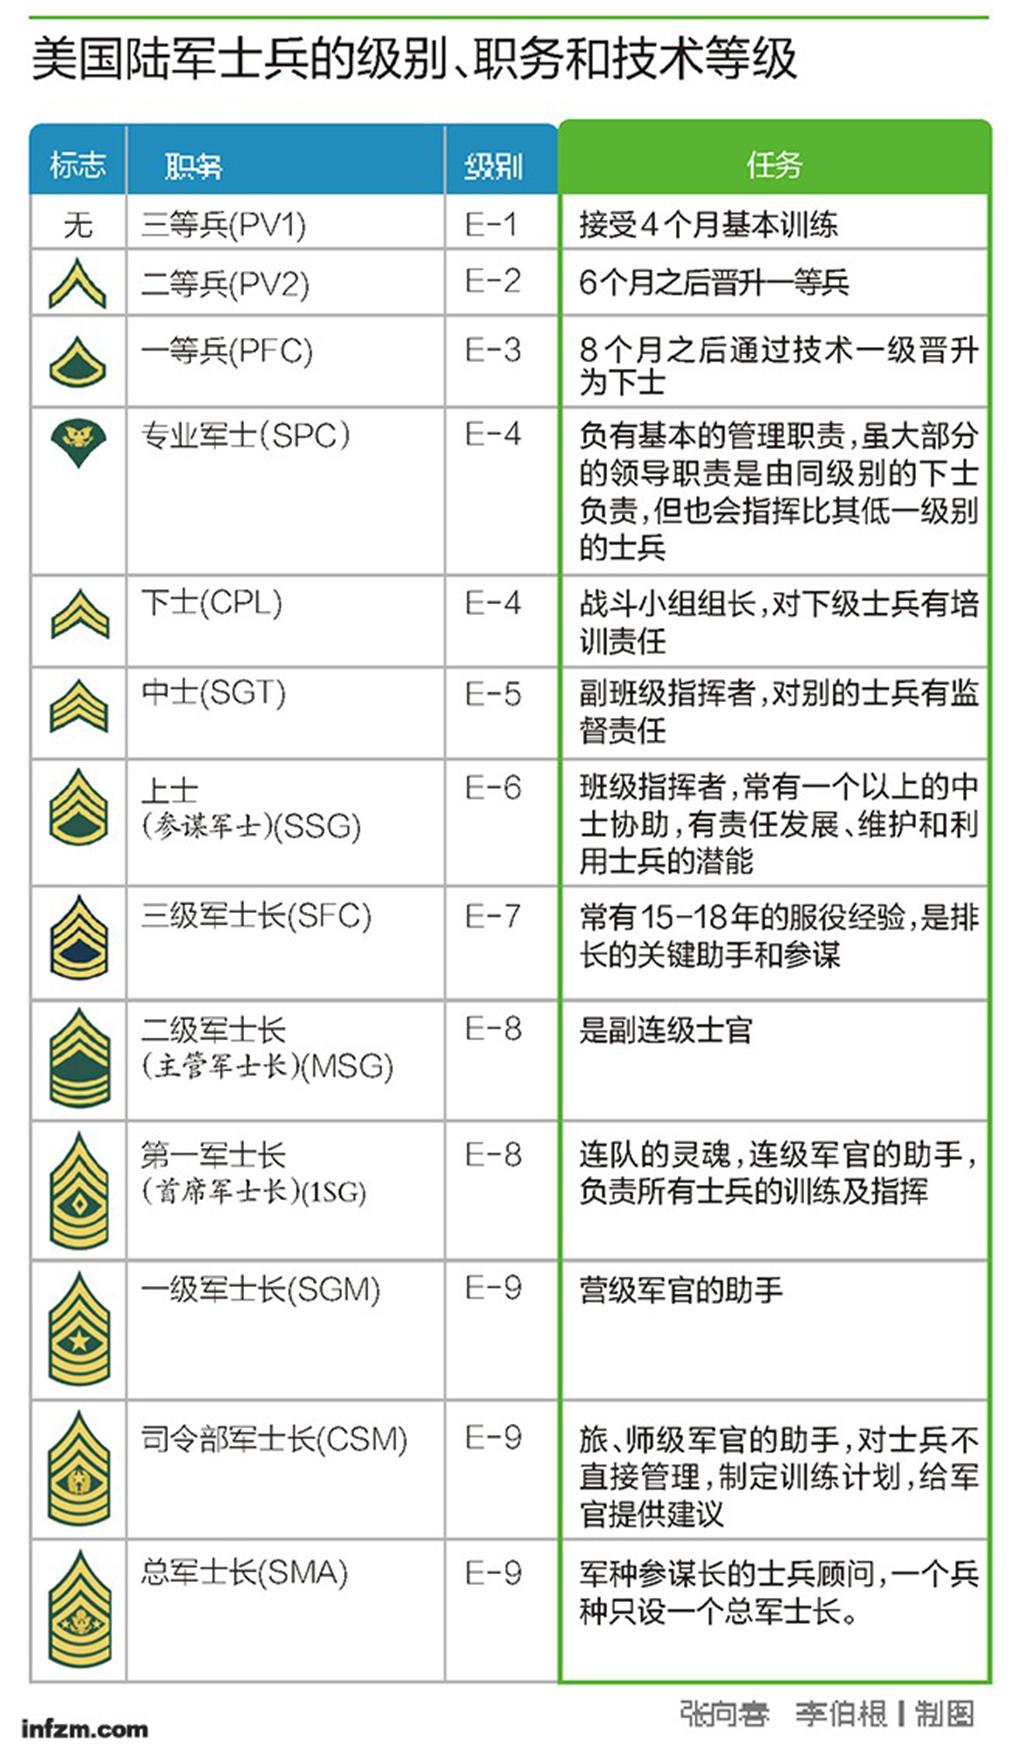 美陆军士官军衔